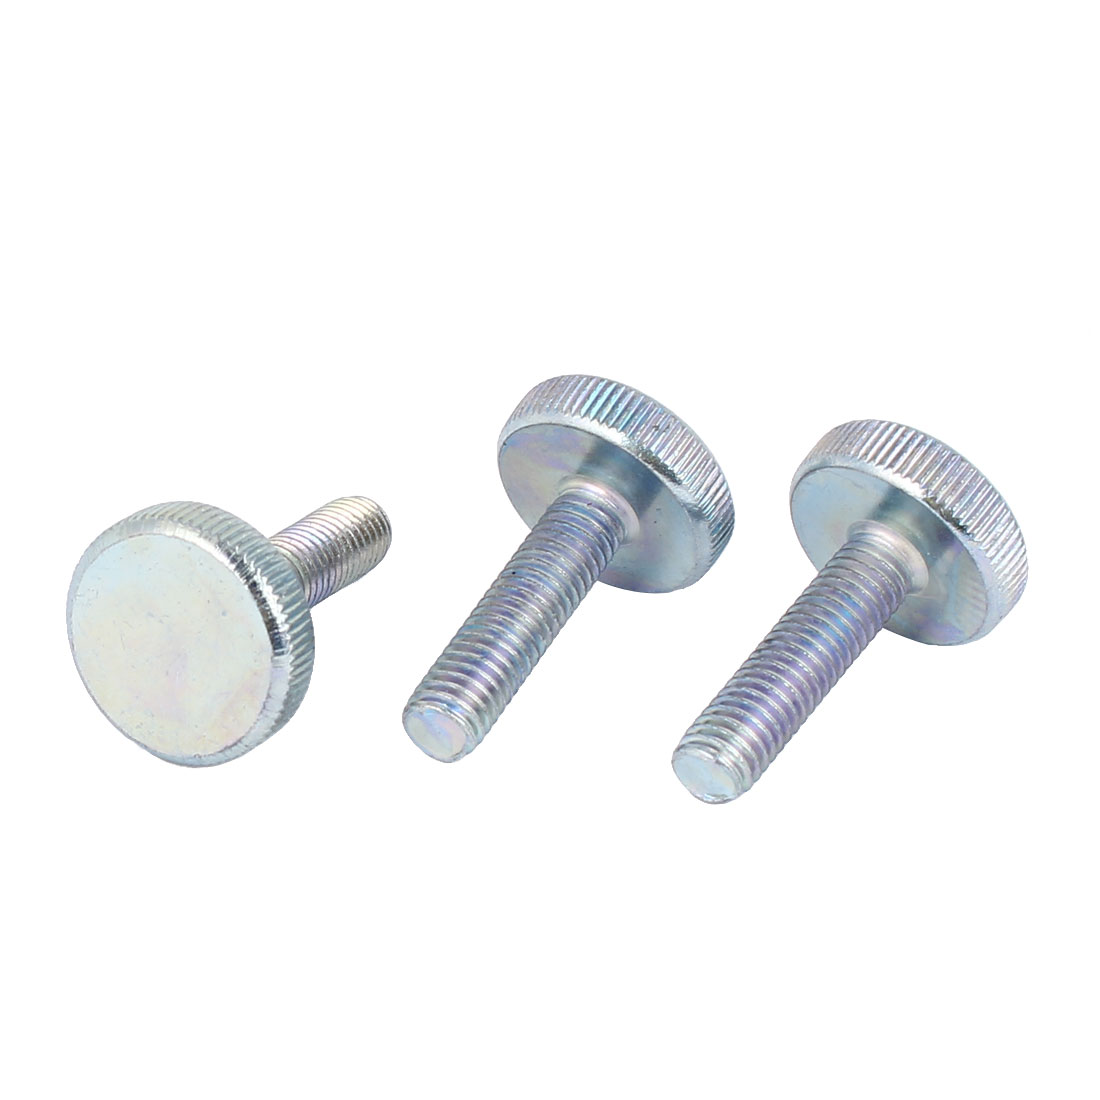 M8x30mm Thread Carbon Steel Knurled Round Head Thumb Screws Silver Blue 3pcs